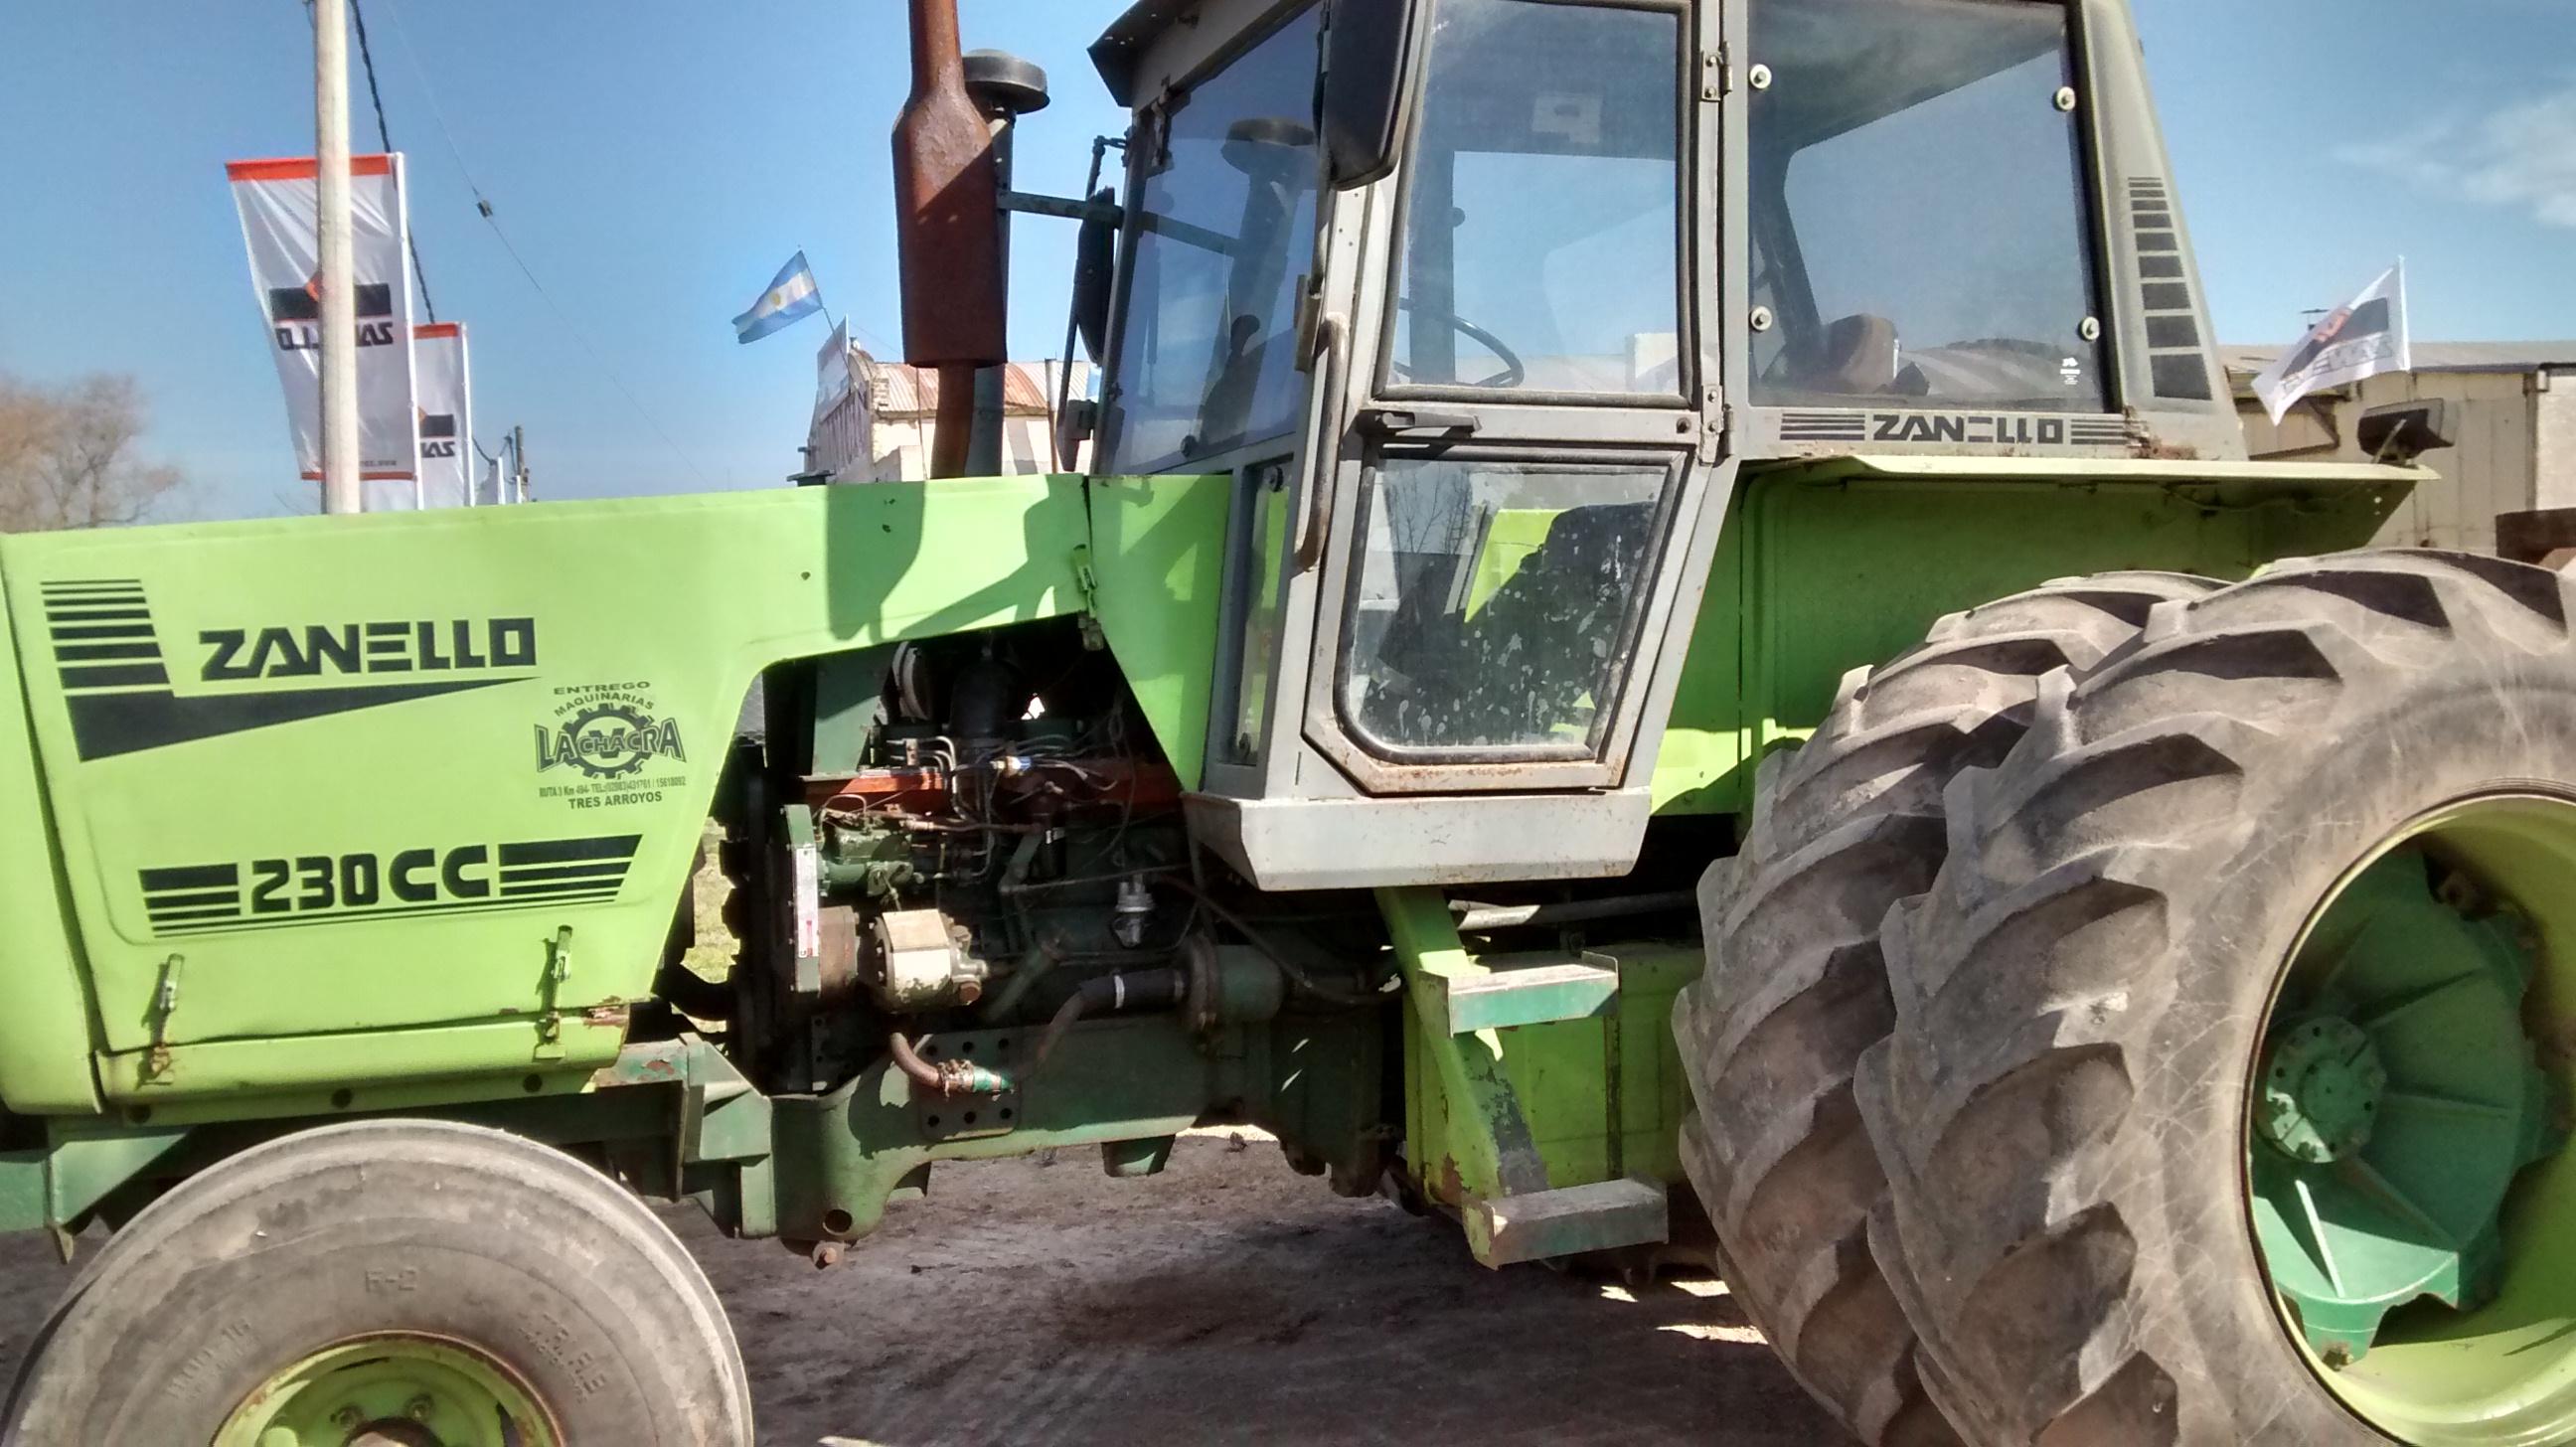 vendo tractor zanello 230